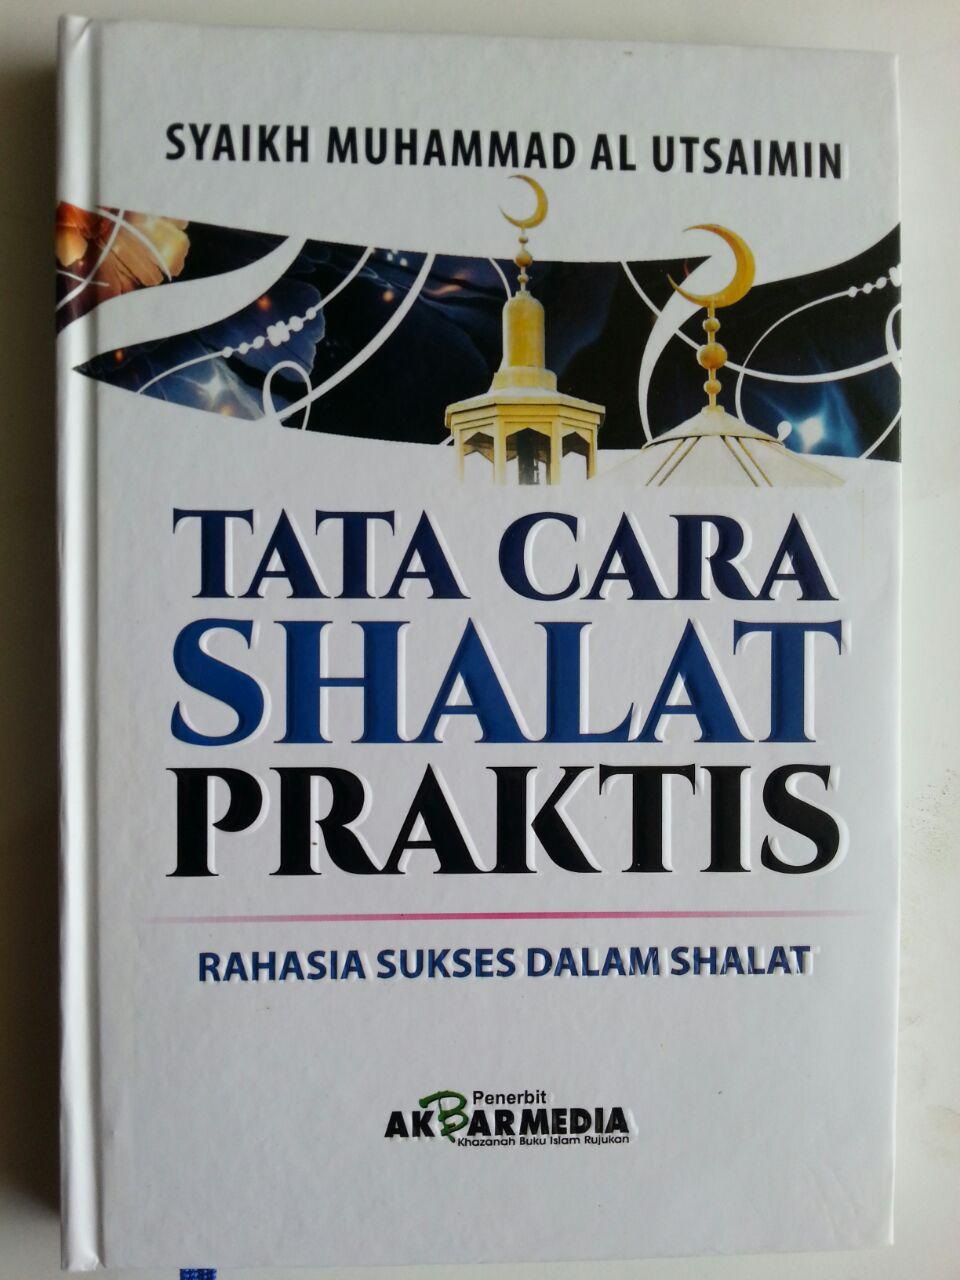 Buku Tata Cara Shalat Praktis Rahasia Sukses Dalam Shalat cover 2